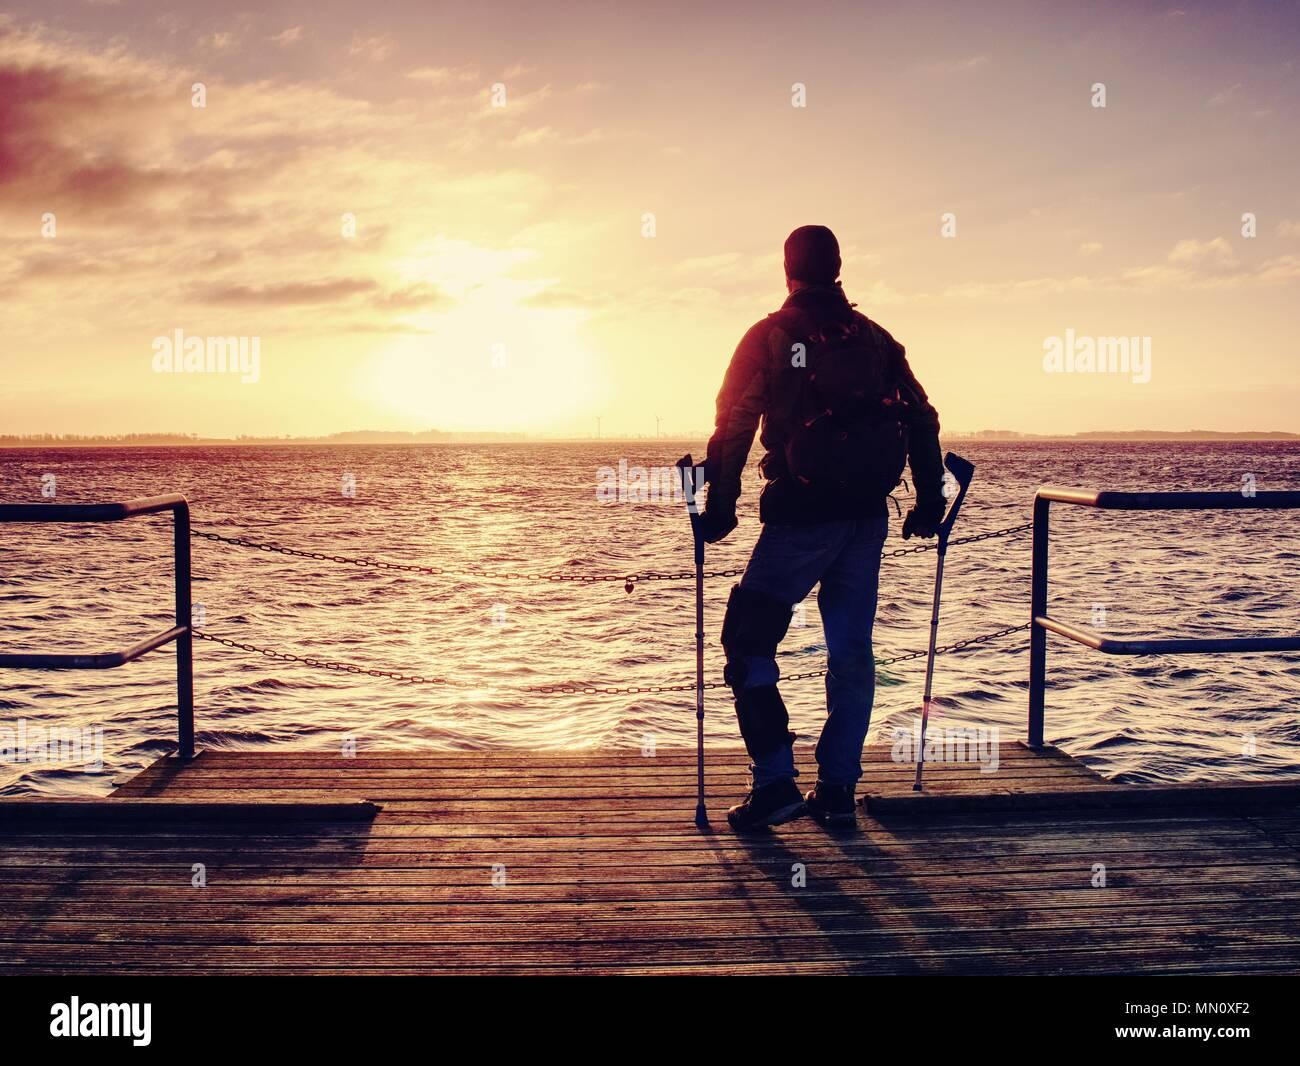 Verletzt Mann mit Kapuzenjacke und Unterarm Krücken leider Schauen in Meerwasser. Reisende stehen auf Sea Bridge innerhalb von Morgen und Denken. Nostalgische Stockbild